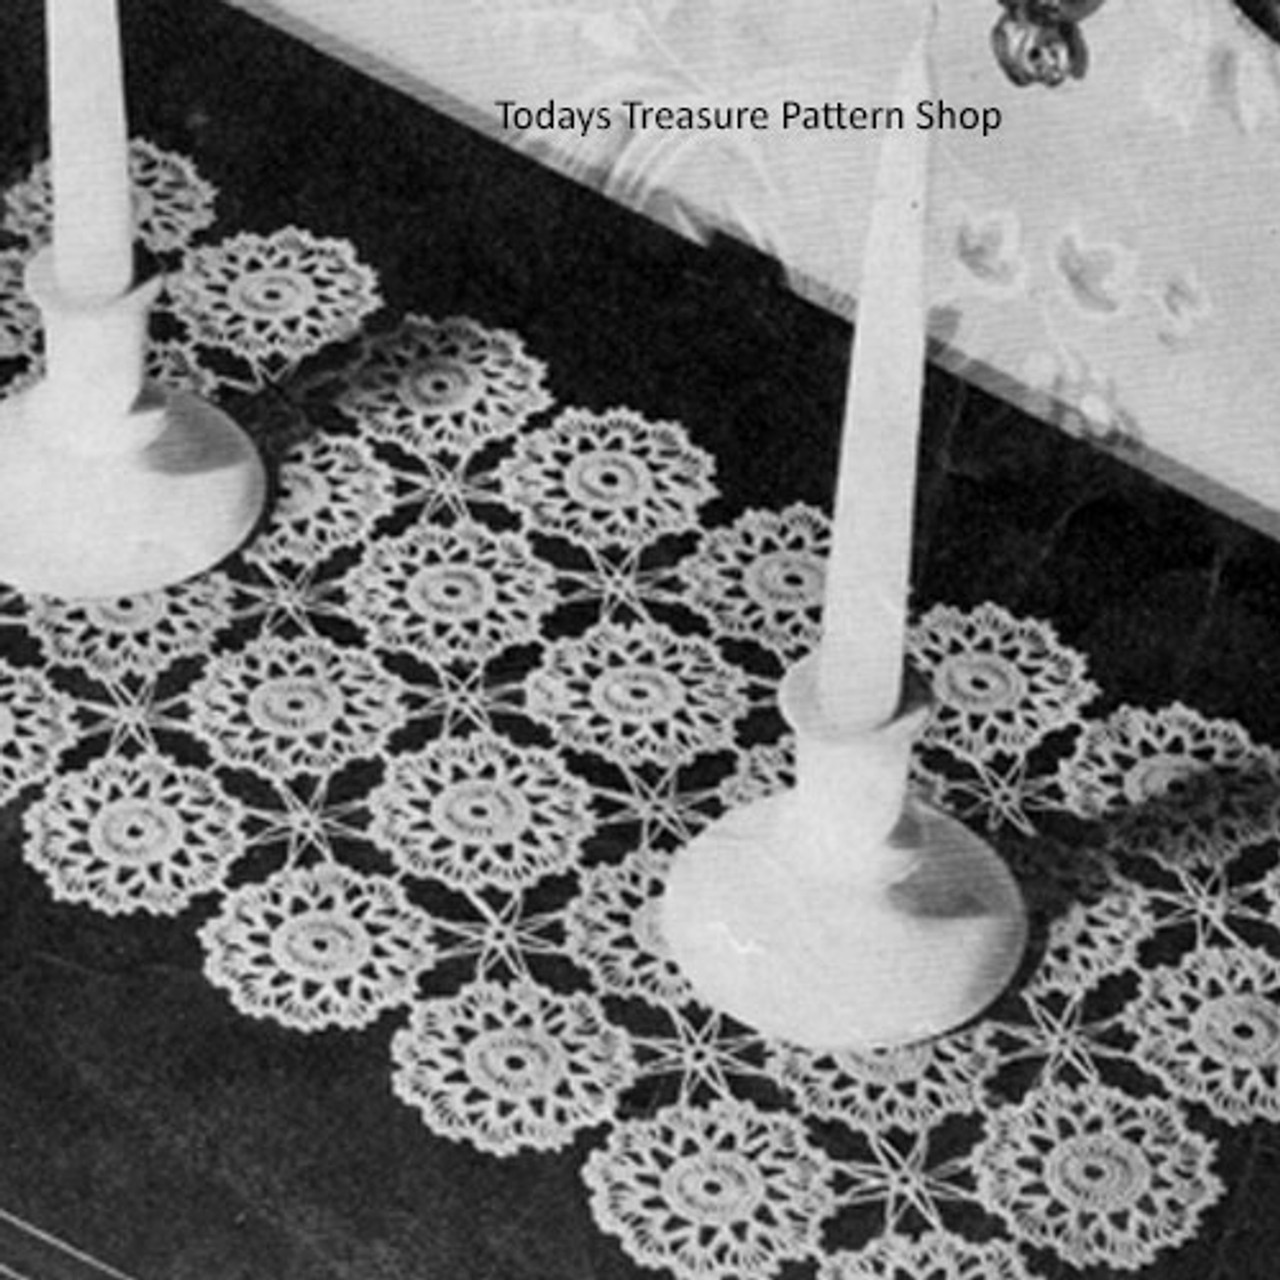 Crocheted Runner of Round Flower Medallions Pattern